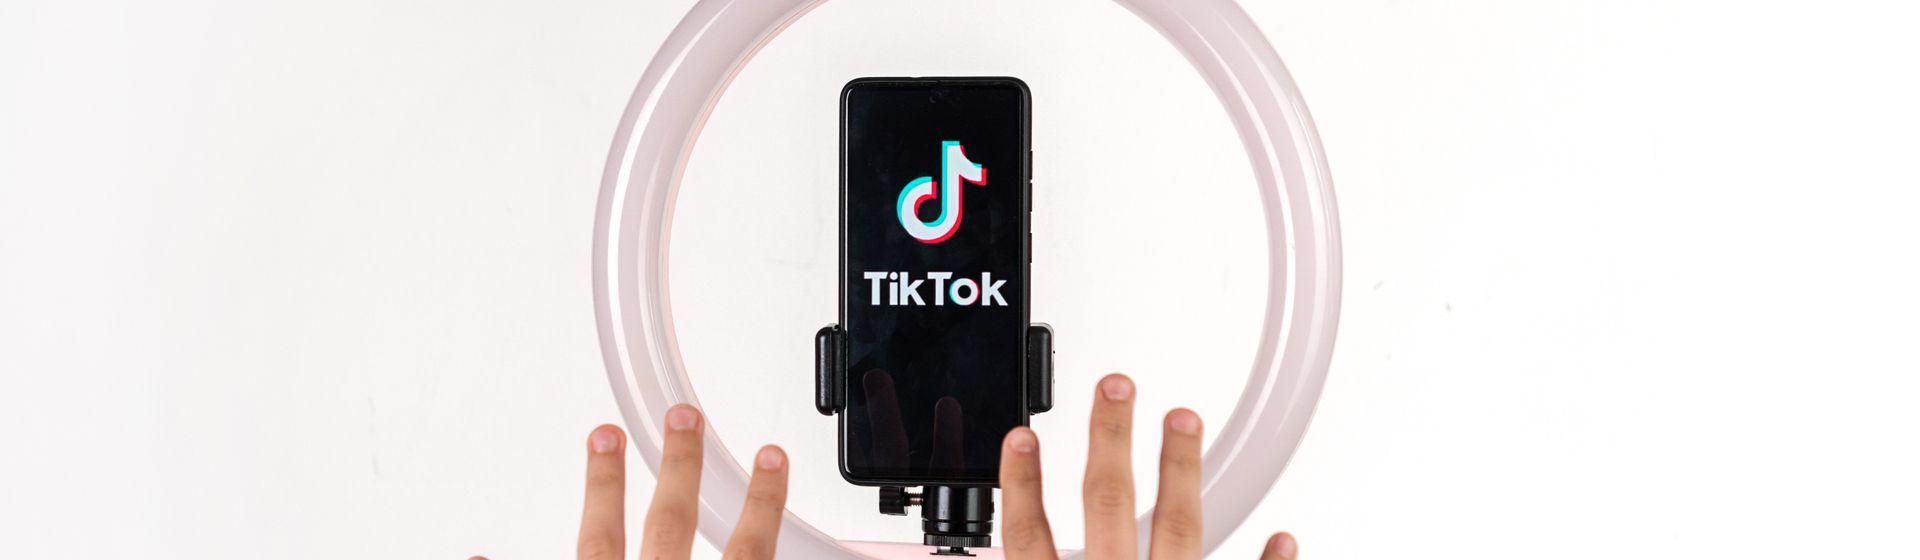 Como fazer live no TikTok